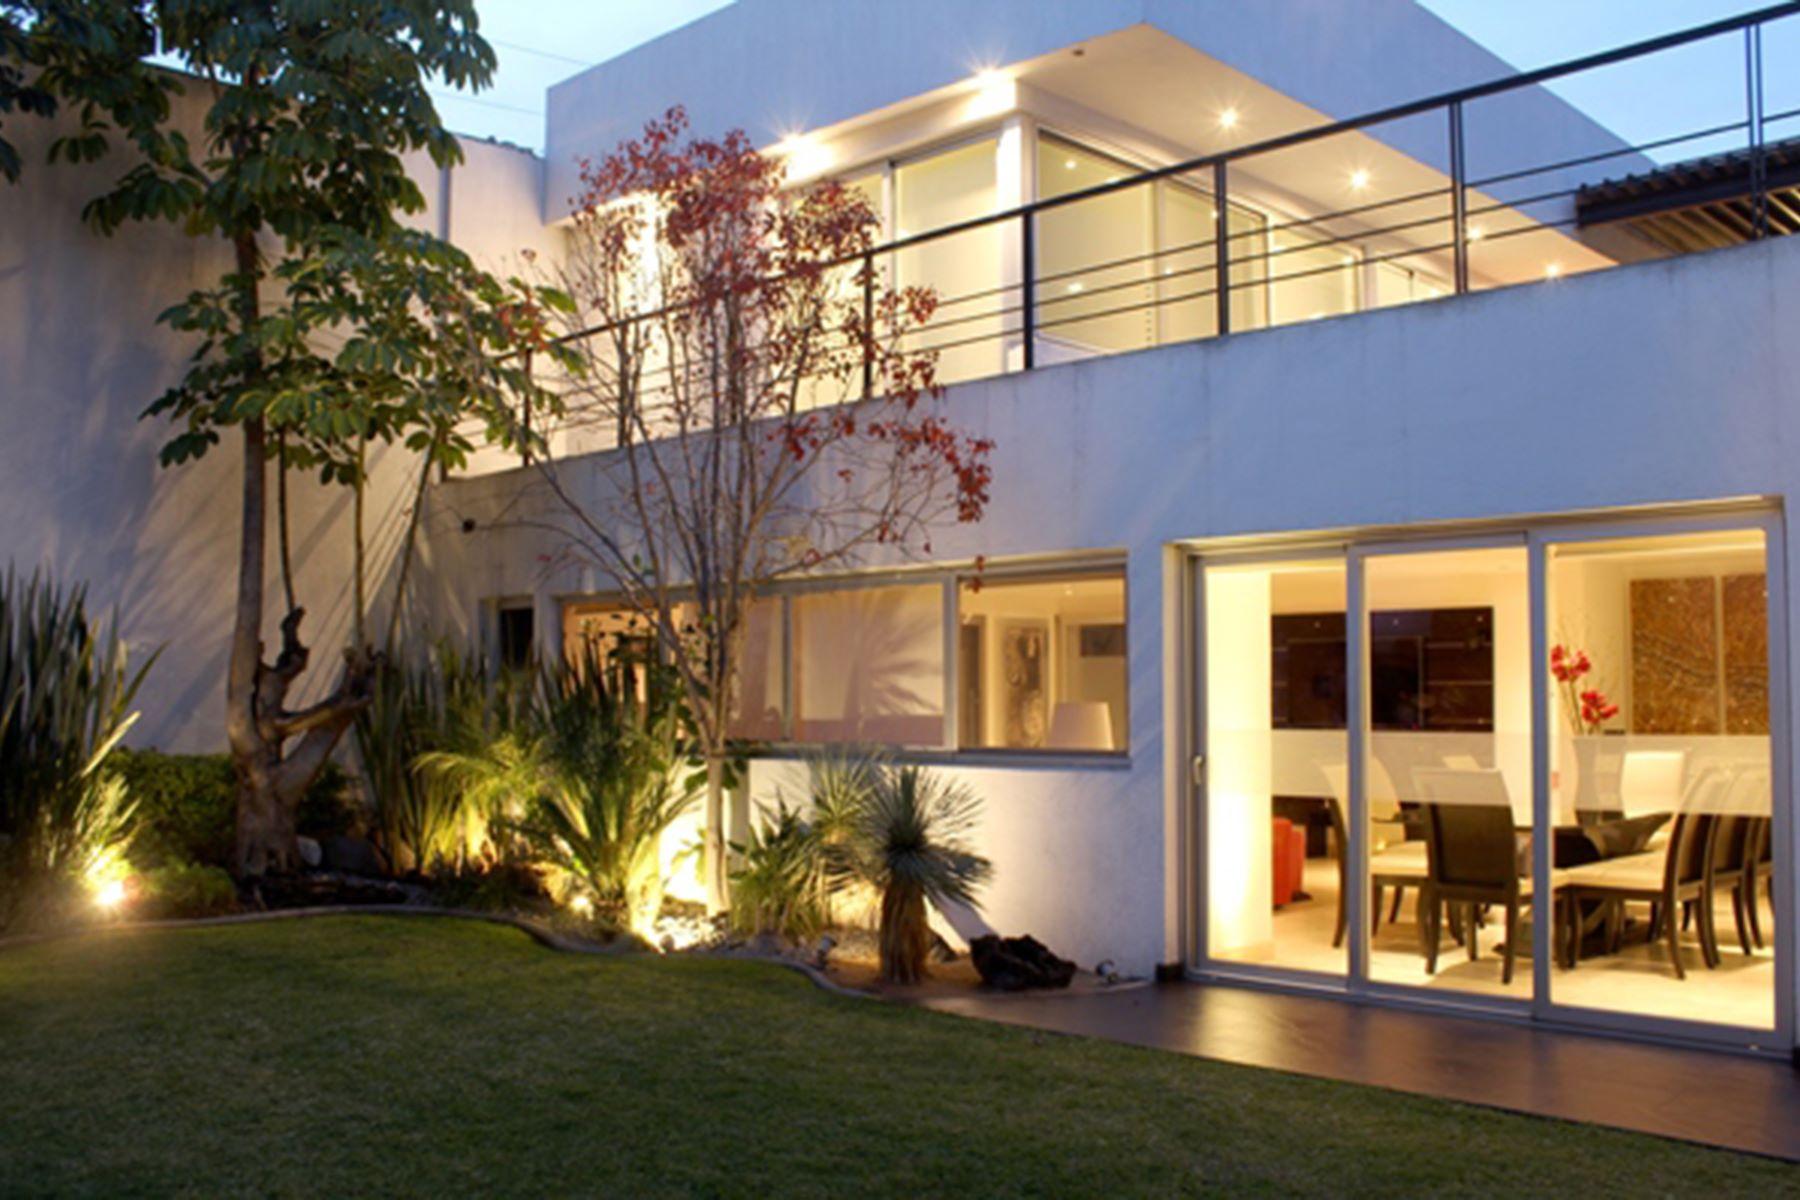 Single Family Home for Sale at Casa Dinastía Queretaro, Queretaro, 76030 Mexico